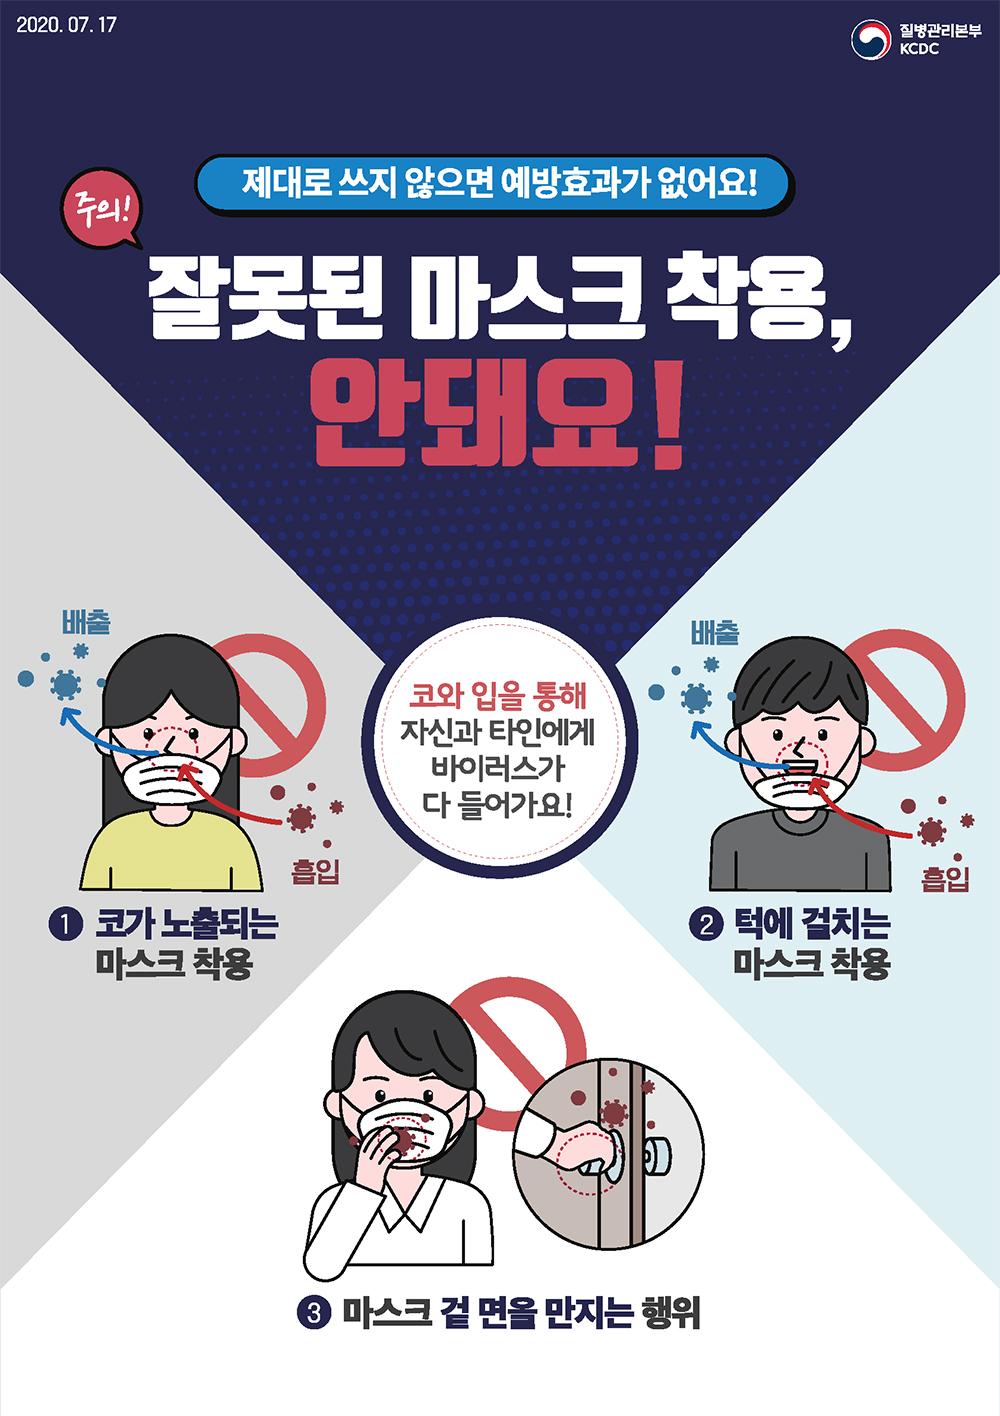 2020.07.17. 질병관리본부 KCDC 주의! 제대로 쓰지 않으면 예방효과가 없어요! 잘못된 마스크 착용, 안돼요! 1. 코가 노출되는 마스크 착용, 2. 턱에 걸치는 마스크 착용, 3.마스크 겉 면을 만지는 행위. 코와 입을 통해 자신과 타인에게 바이러스가 다 들어가요!